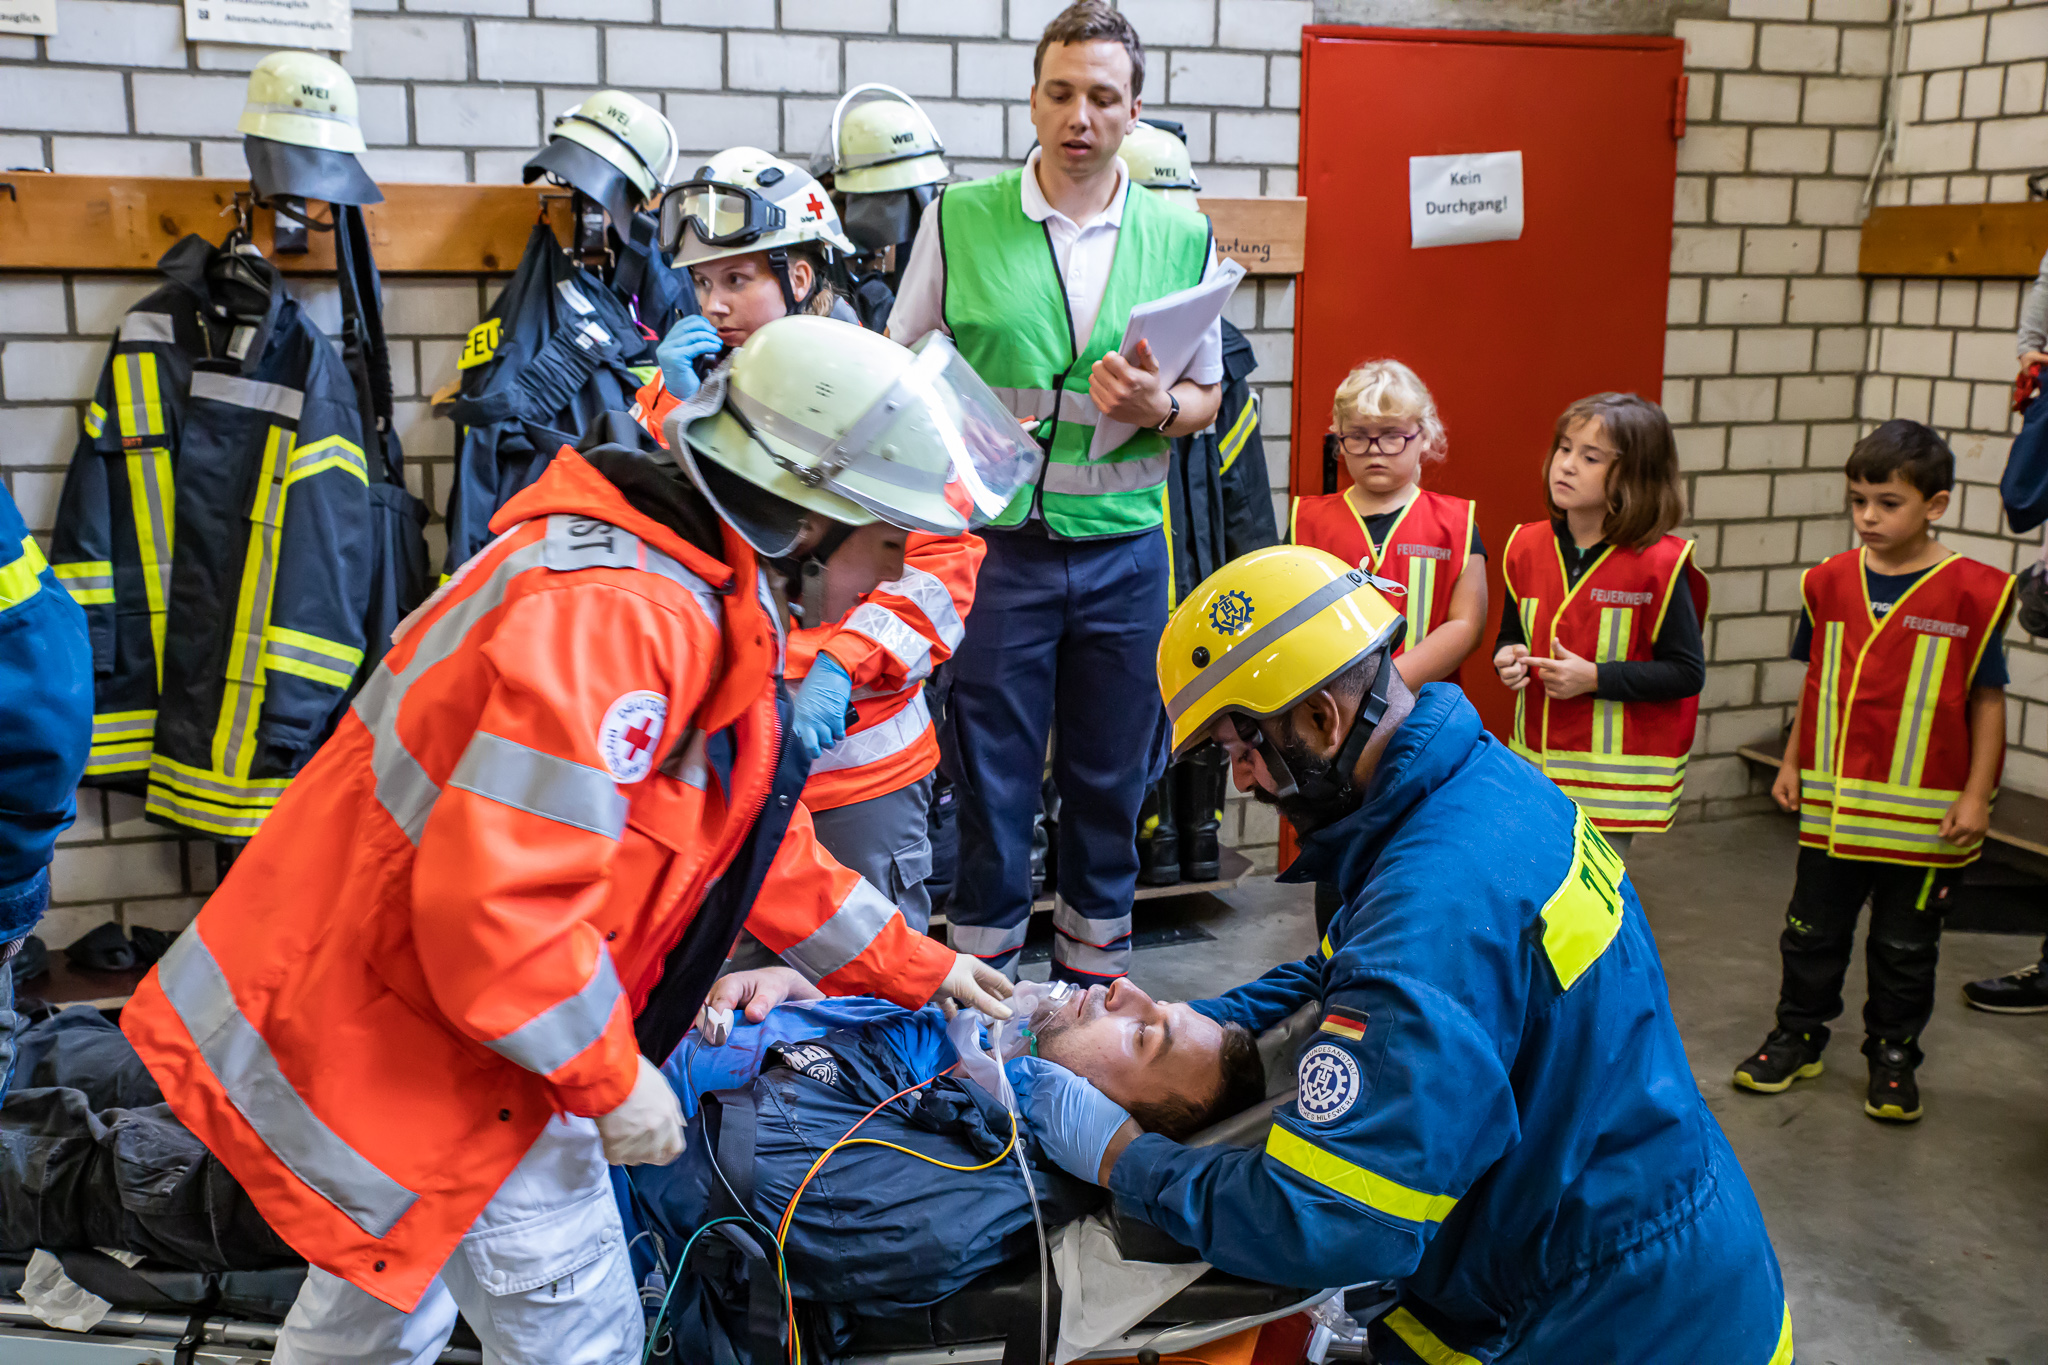 FeuerwehrSim 2019 Werkstatt-15